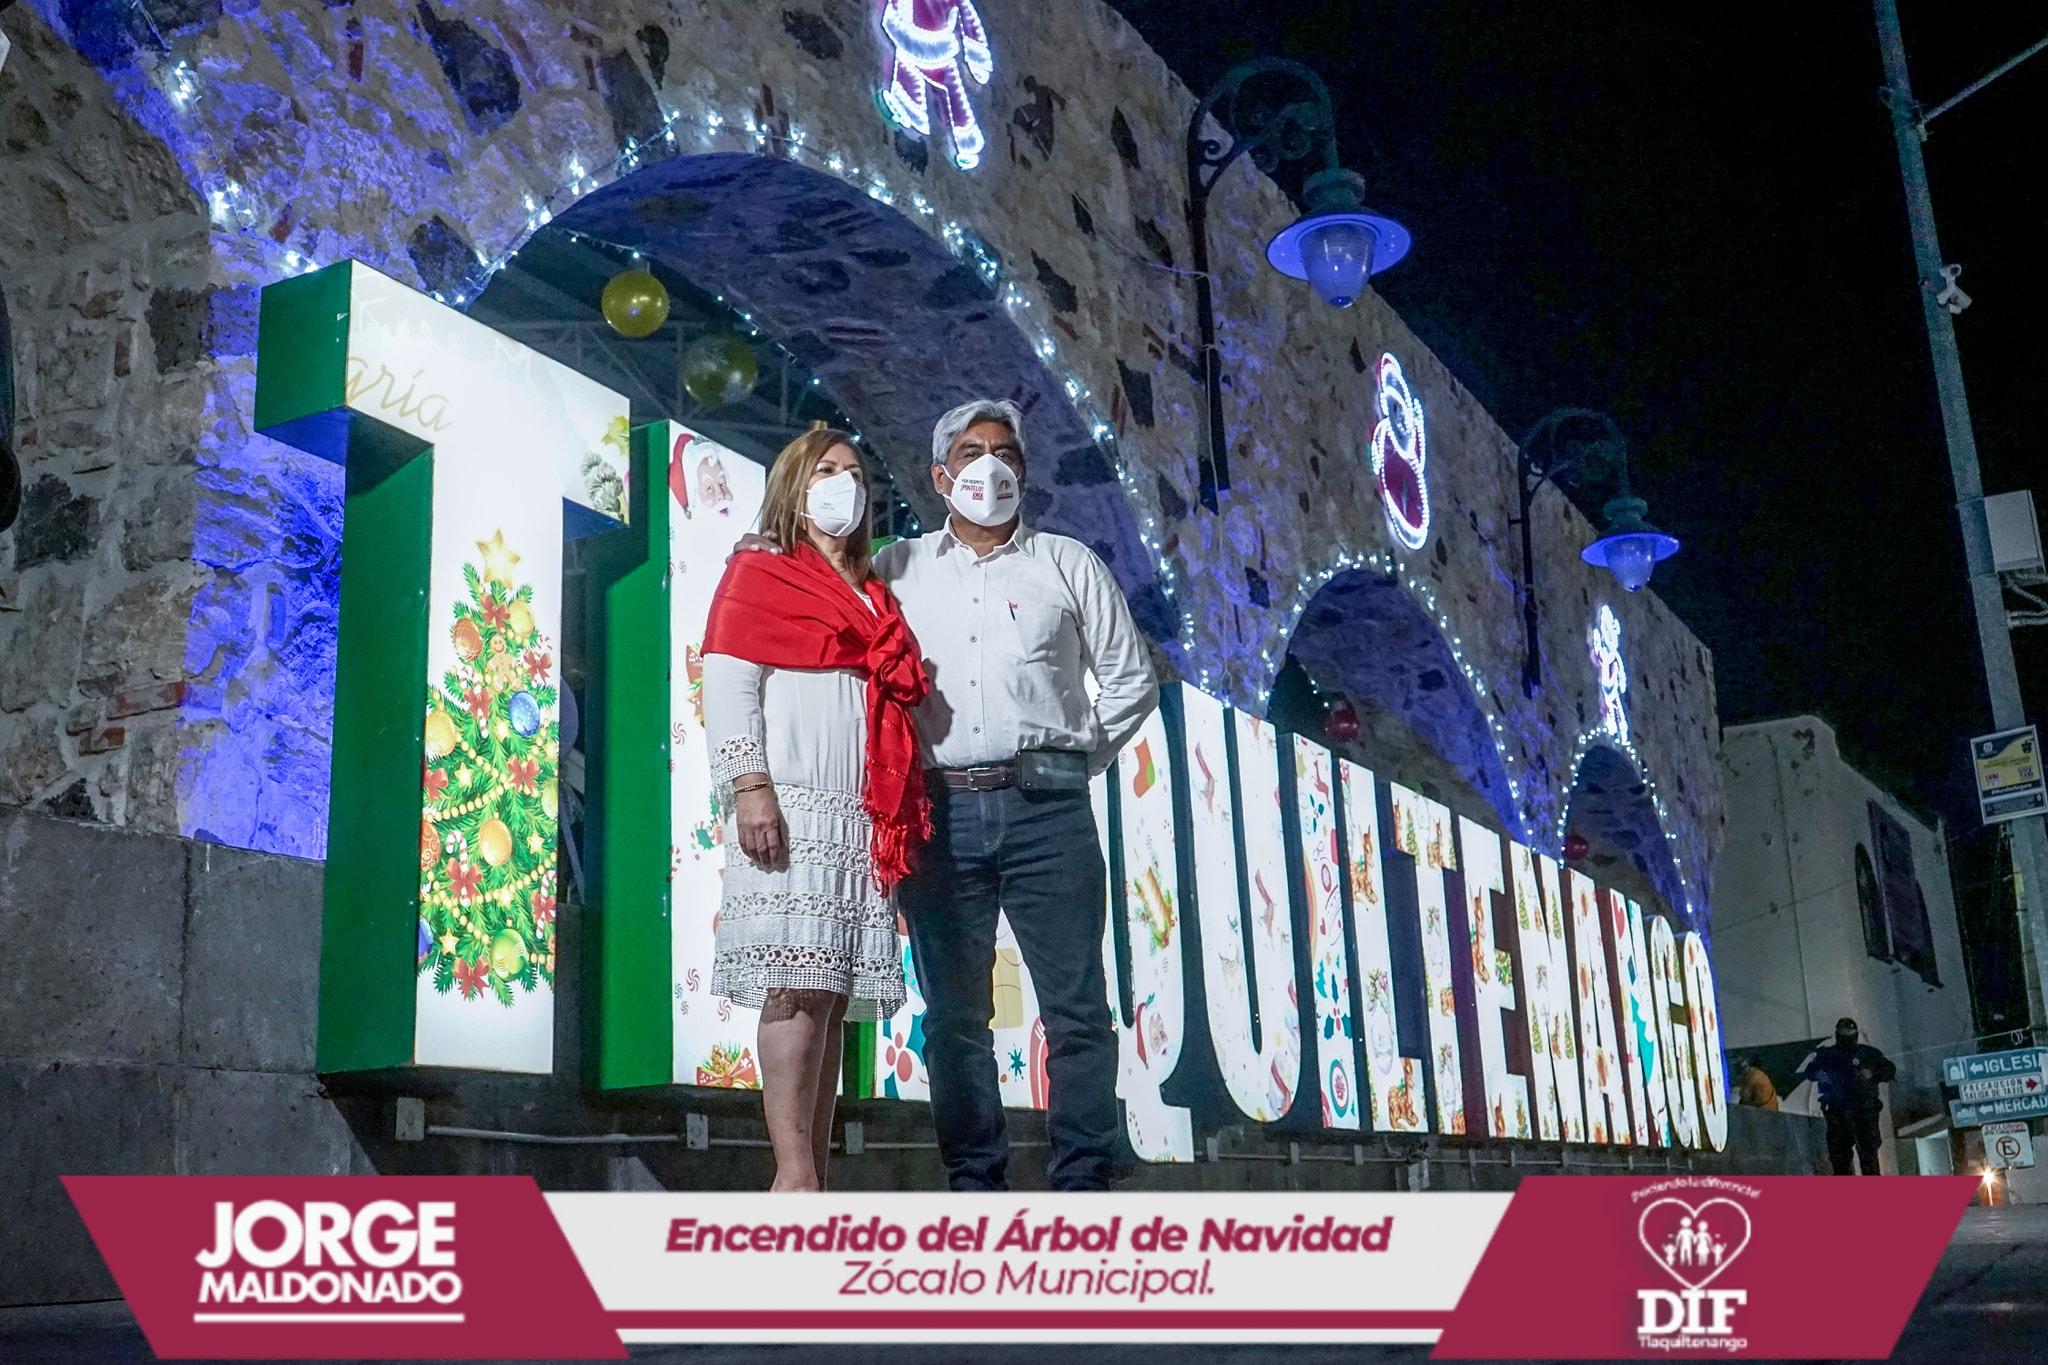 Encendido del Árbol de Navidad en Tlaquiltenango